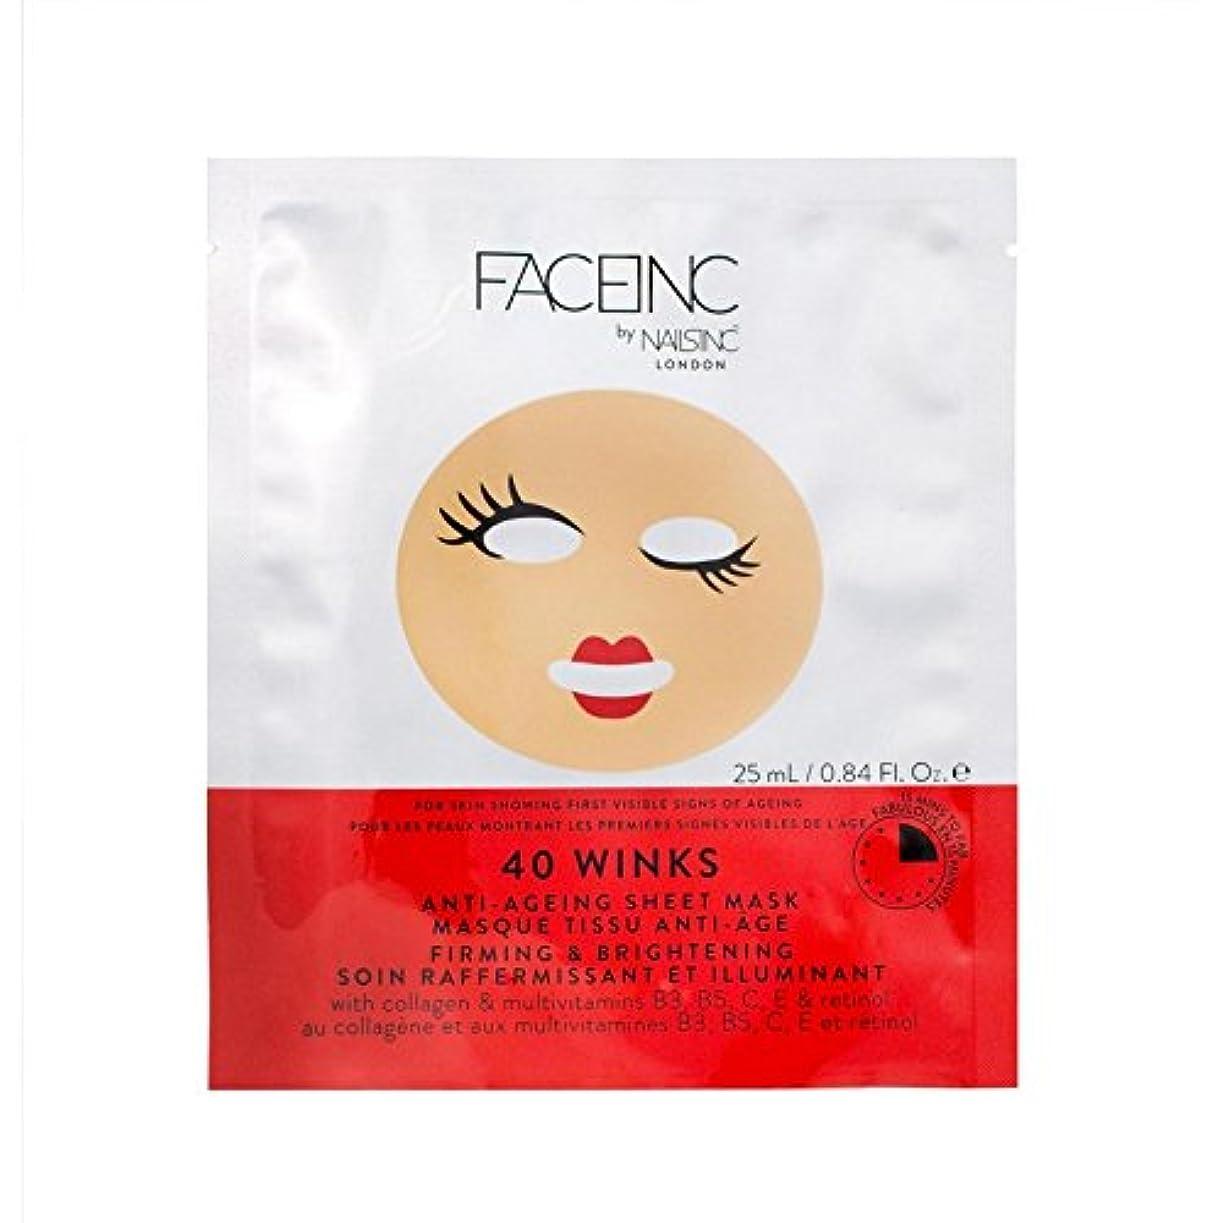 スプーン価値無し爪が株式会社顔株式会社40のウィンクは、マスク x4 - Nails Inc. Face Inc 40 Winks Mask (Pack of 4) [並行輸入品]